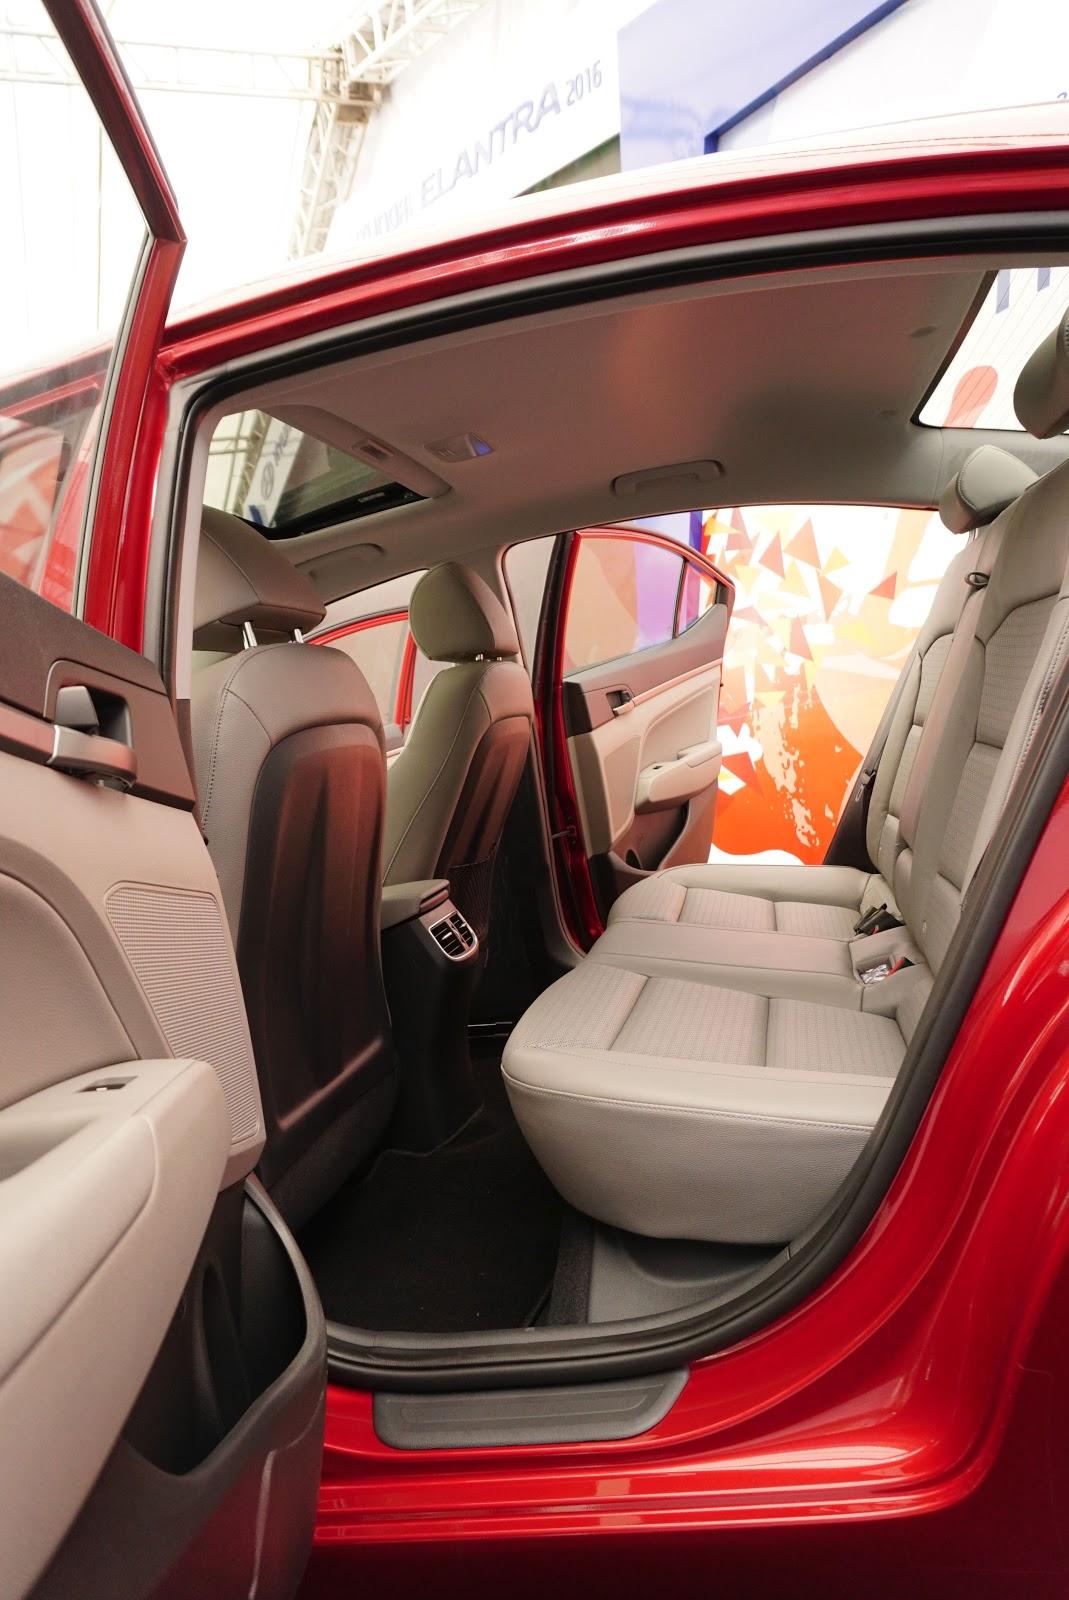 Hàng ghế sau của xe cũng rất rộng rãi, nhẹ nhàng,tinh tế